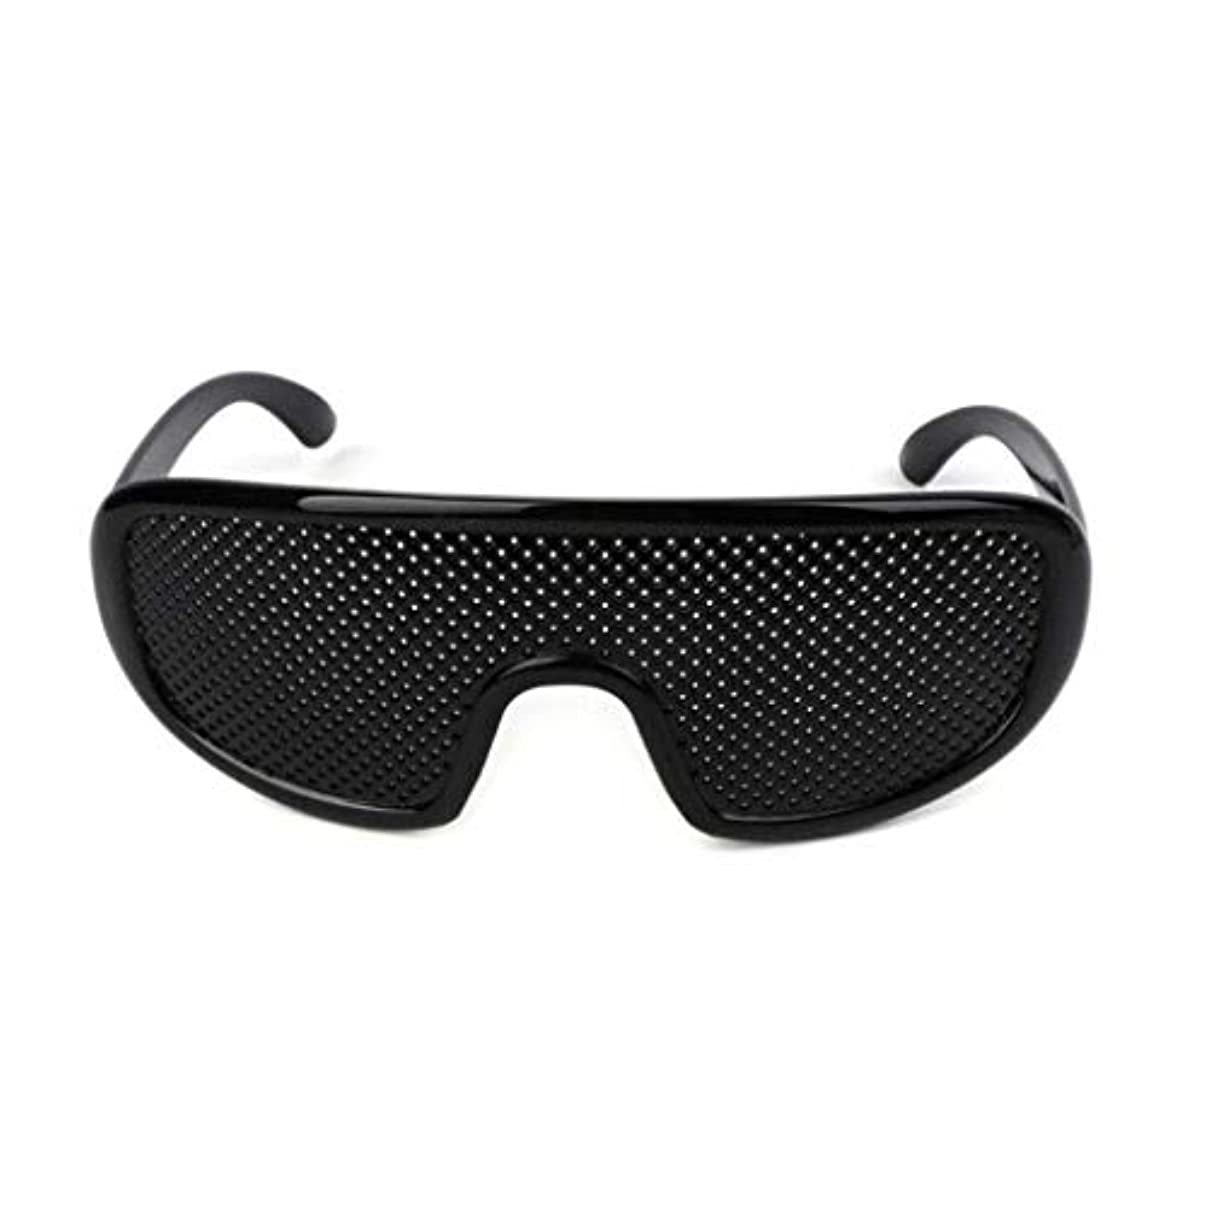 再生的重々しい歌うピンホールメガネ、視力矯正メガネ網状視力保護メガネ耐疲労性メガネ近視の防止メガネの改善